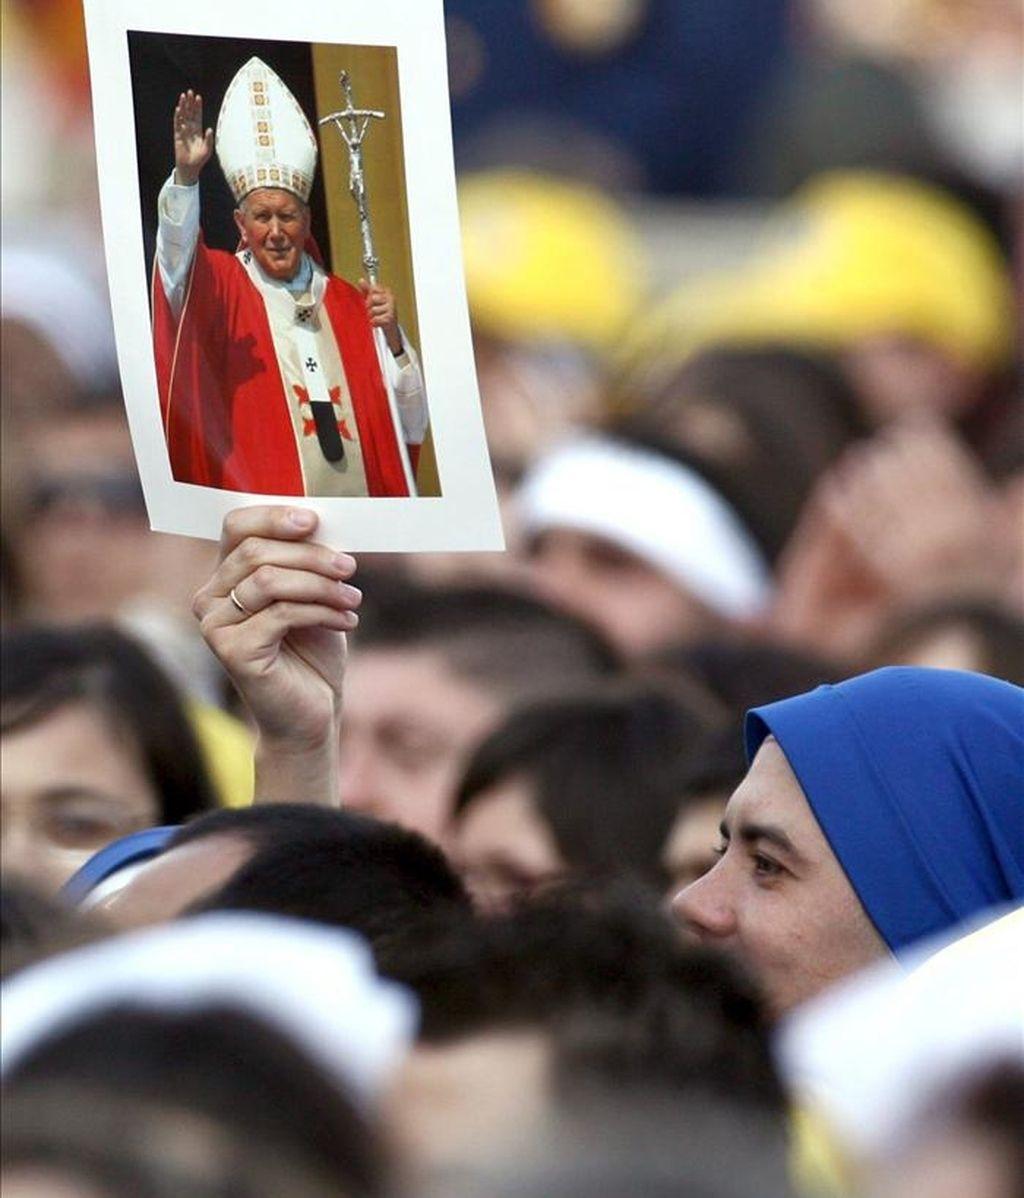 Un fiel alza la foto del difunto papa Juan Pablo II durante el encuentro del papa Benedicto XVI con los jóvenes celebrado en abril de 2006, en la plaza de San Pedro. EFE/Archivo